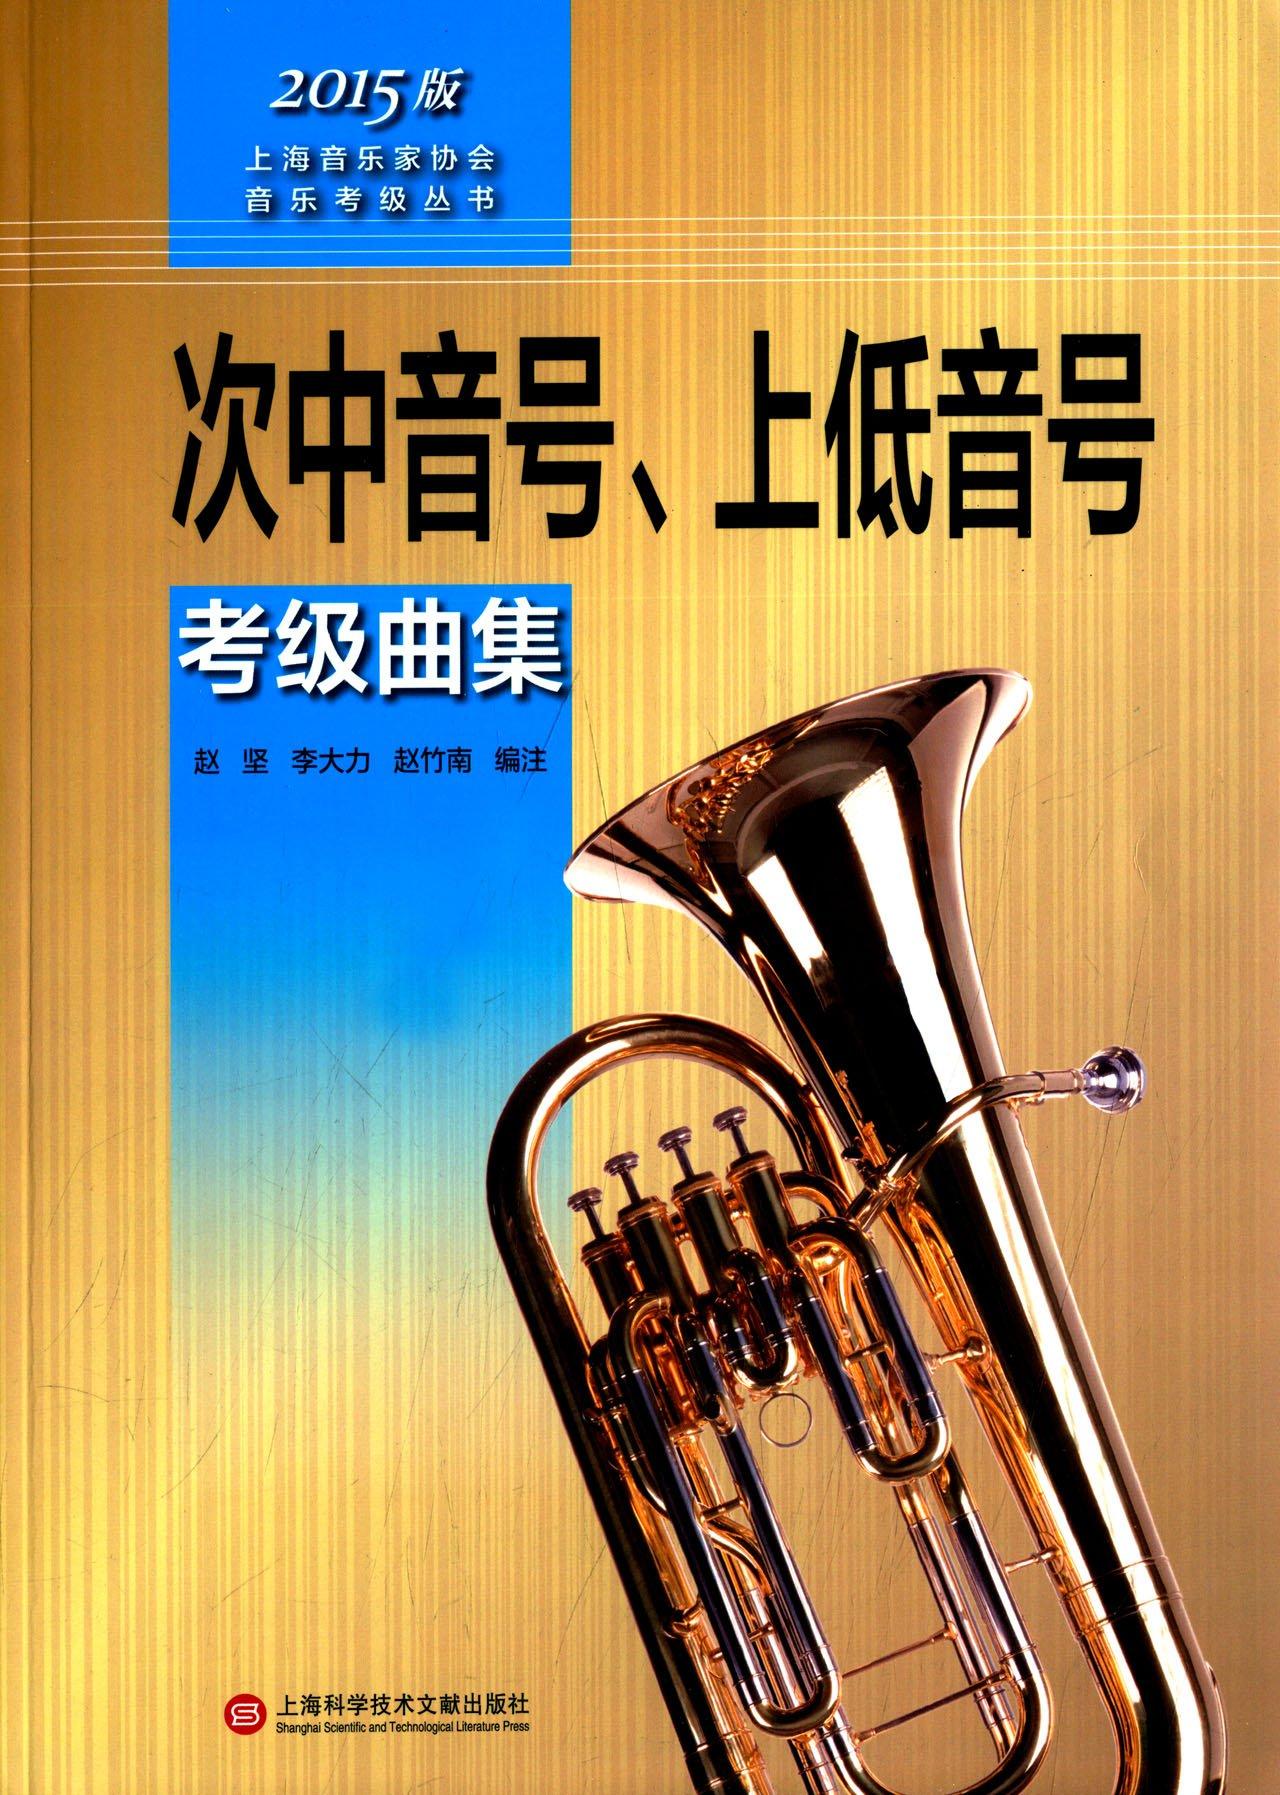 次中音號、上低音號考級曲集^(2015版^)